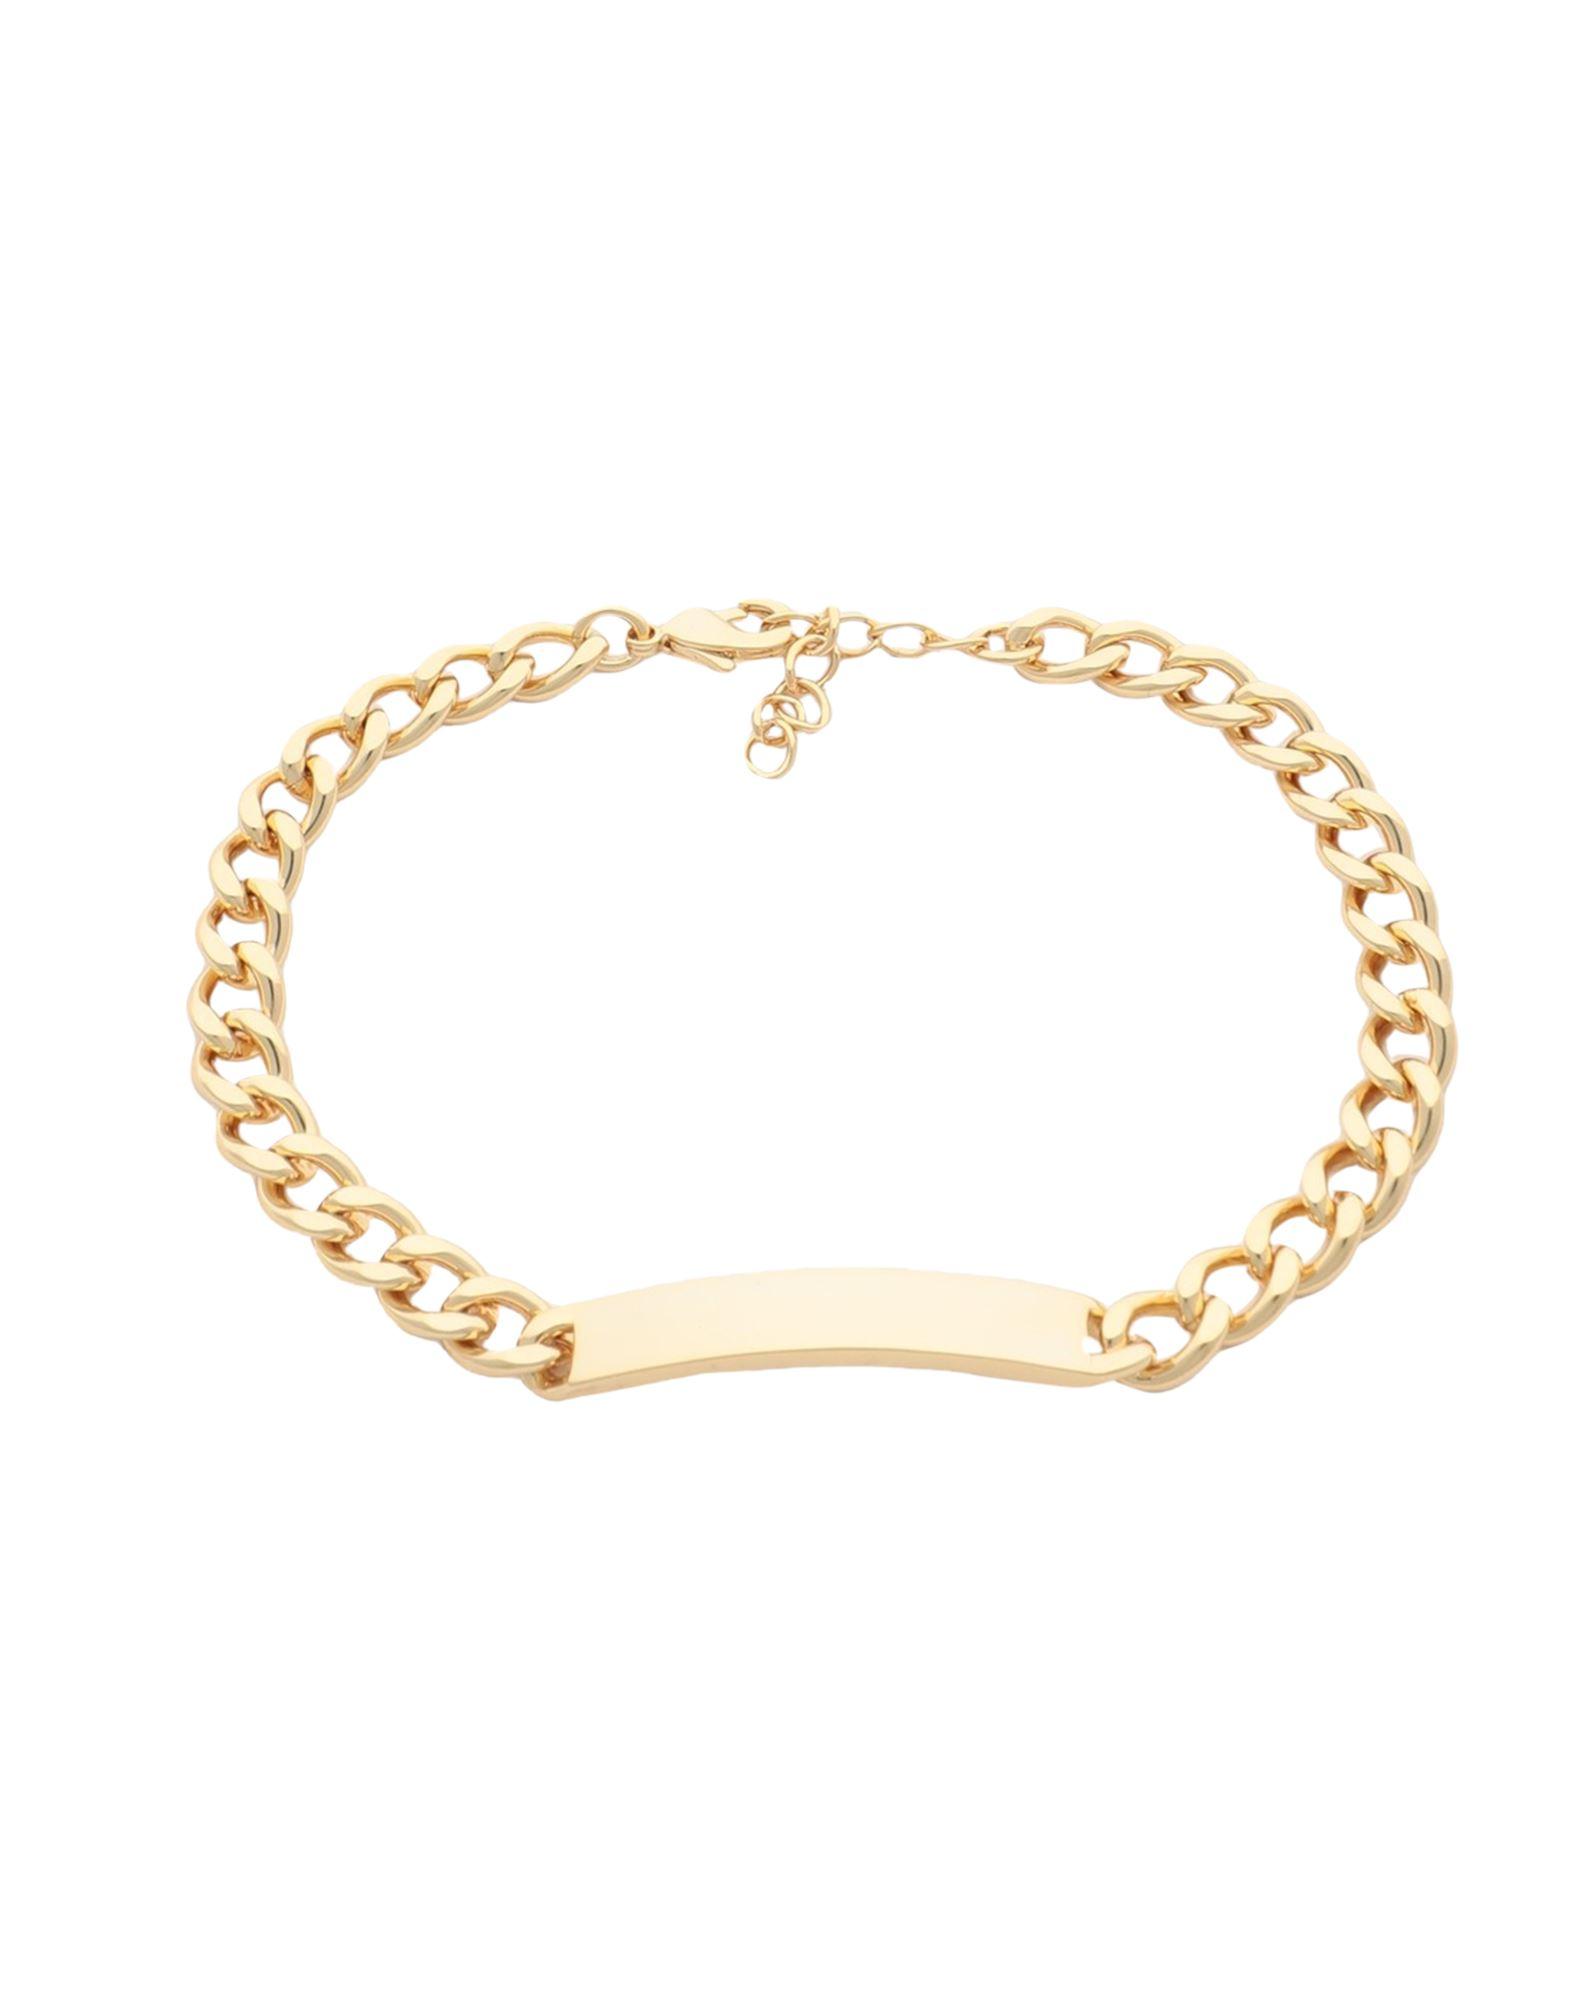 《セール開催中》GALLERIA ARMADORO レディース ブレスレット ゴールド 真鍮/ブラス / 18金メッキ CATENA ID BRACELET